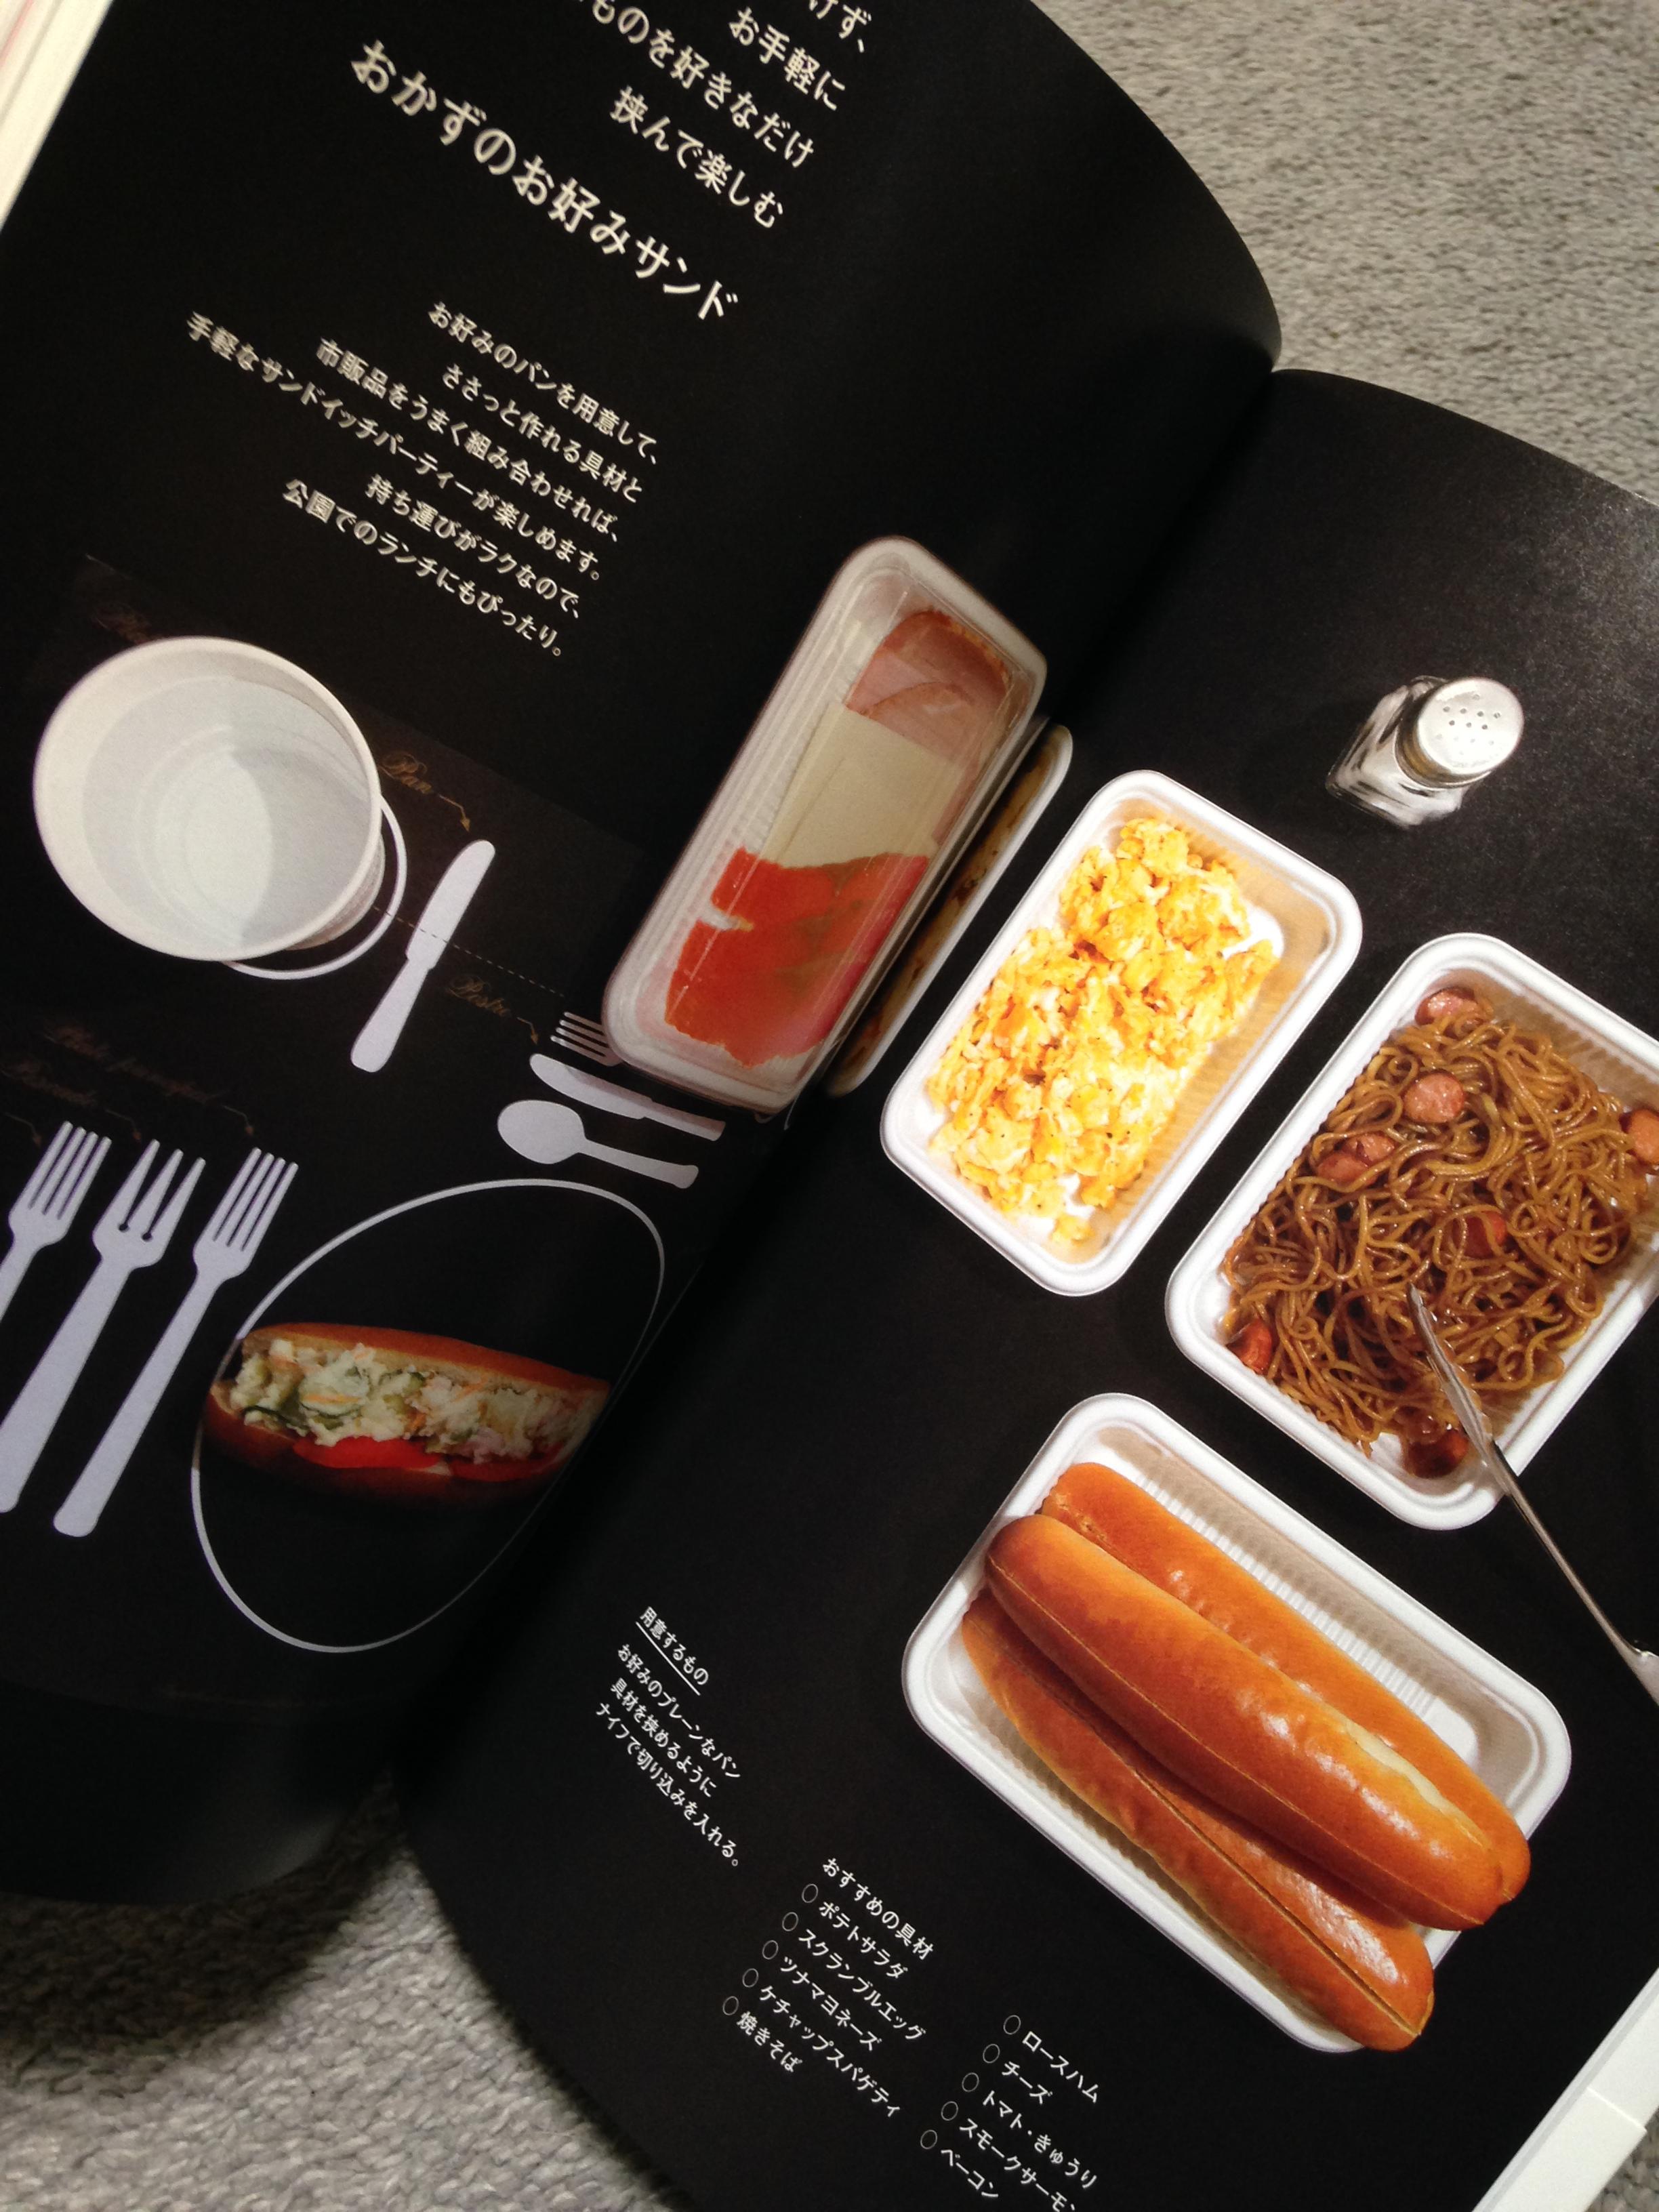 そんなときに多いに役立ちそうなのがこちらのレシピ本でございます☆野口真紀さんといえば「手が届きそうなオシャレ」。「こんなオシャレなの、絶対ワタシには作れない